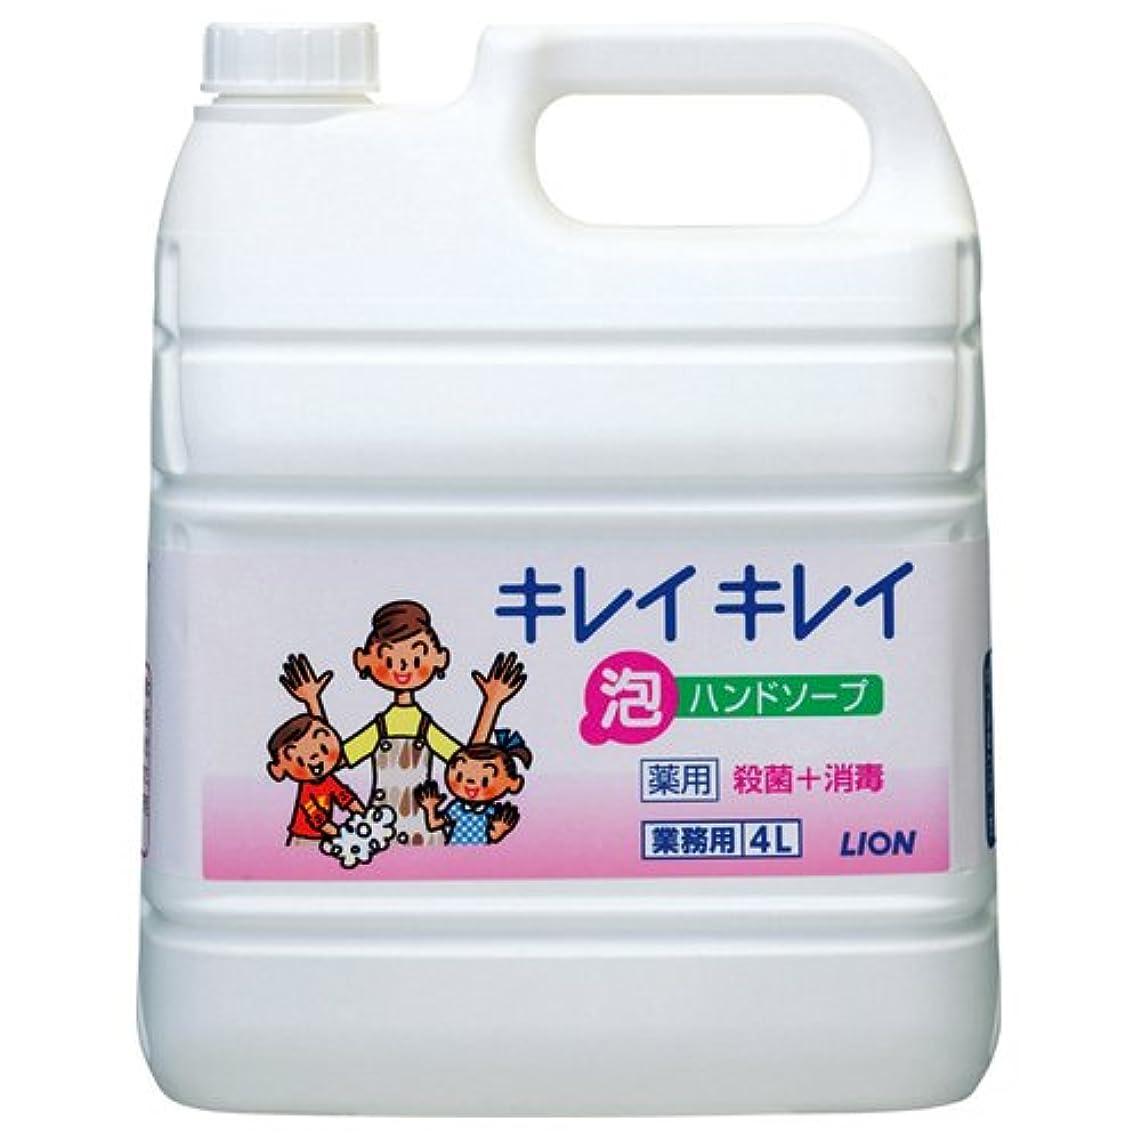 二週間意志動機[ライオン 1675096] キレイキレイ 薬用泡ハンドソープ 業務用 4L